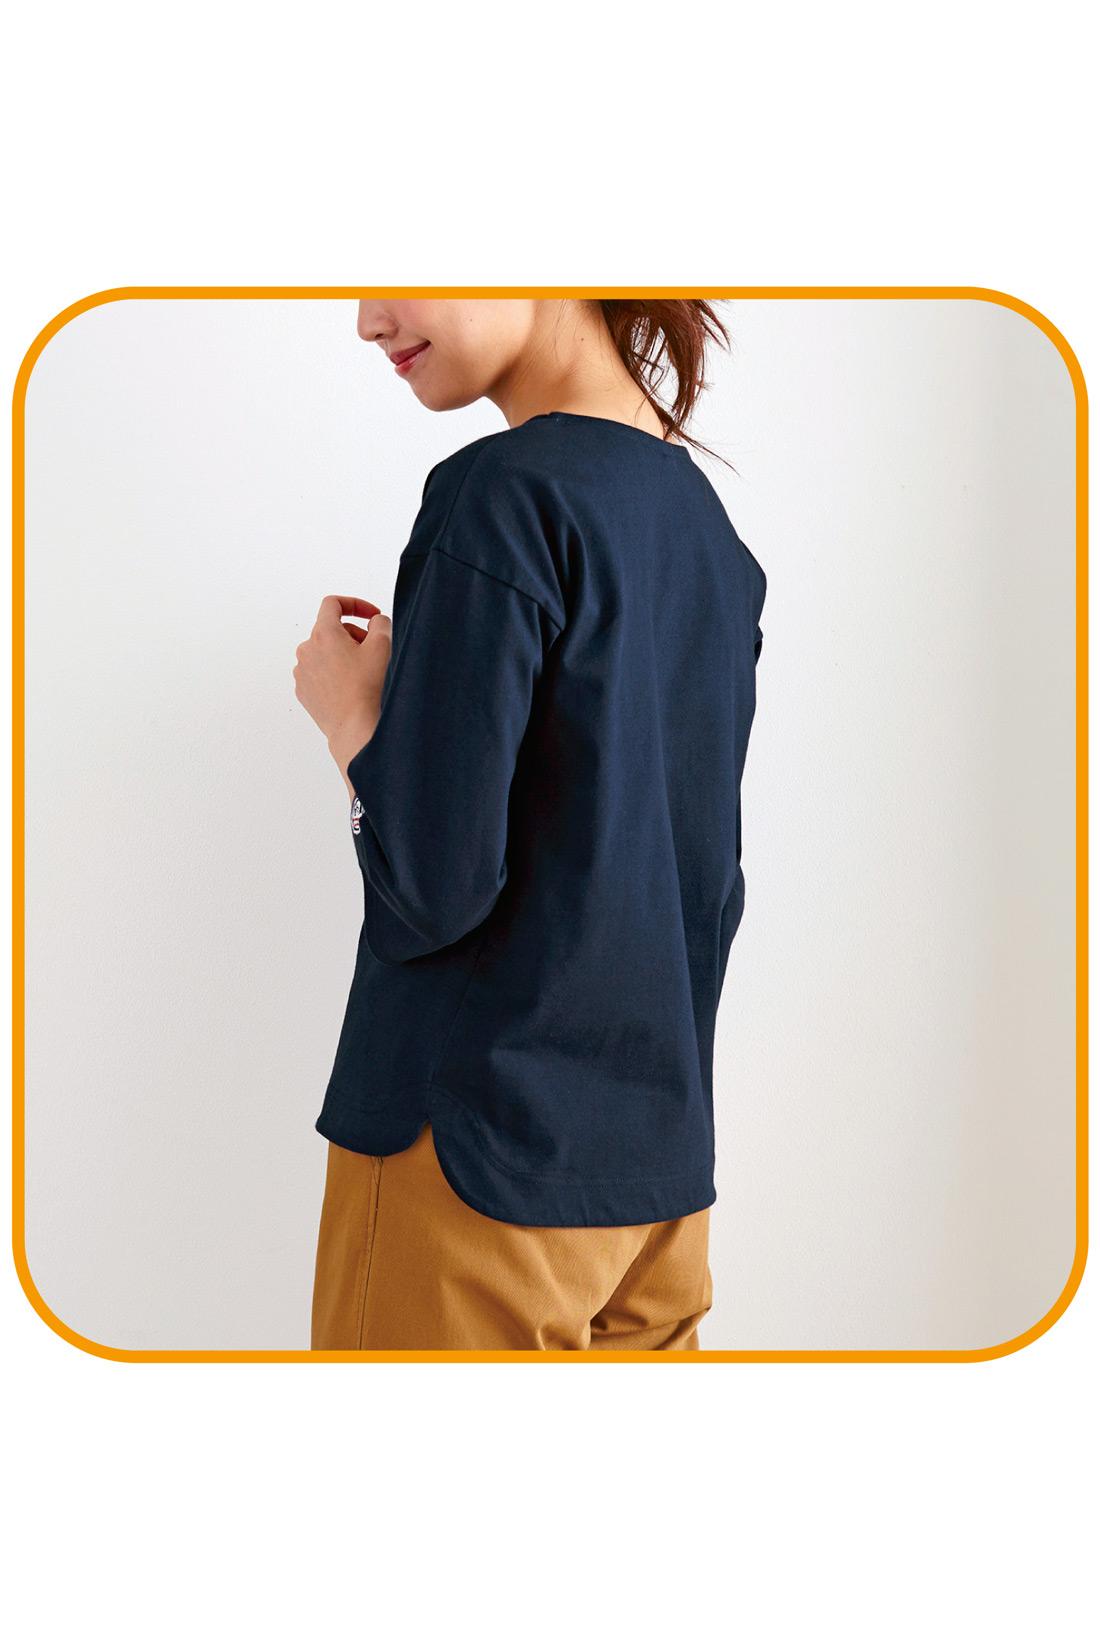 腰まわりをカバーできるよう、後ろは長め丈に。すそインが決まって、すそアウトでもおなかまわりにキレイに沿うラウンドスリットもこだわりポイント。 ※着用イメージです。お届けするカラーとは異なります。